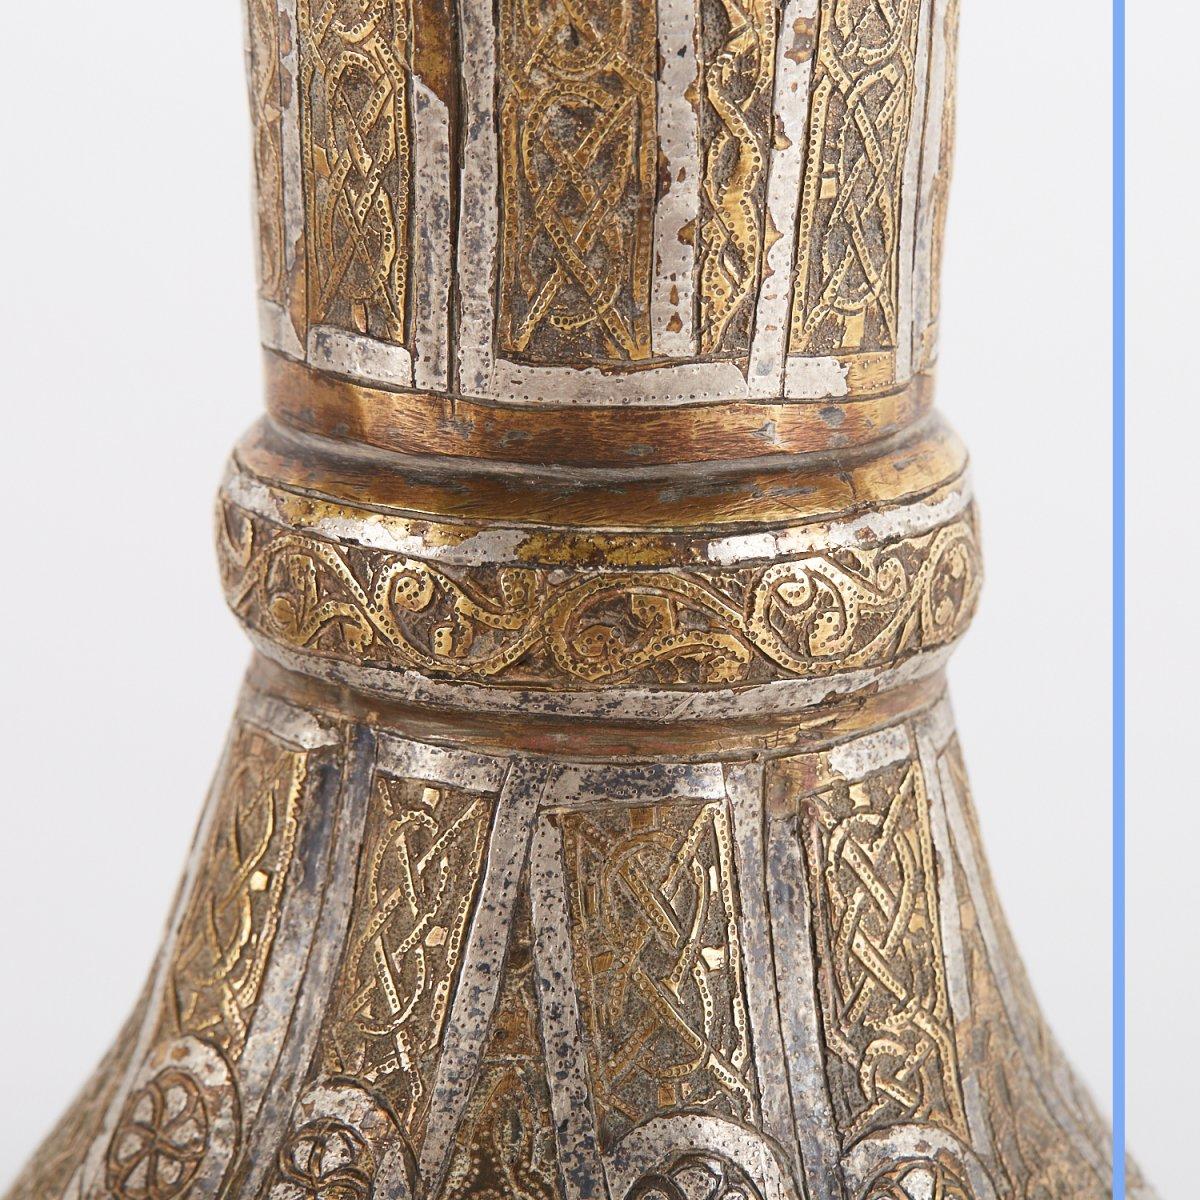 Paire de vases en métal argenté et doré gravé, Syrie, XIXe-photo-4